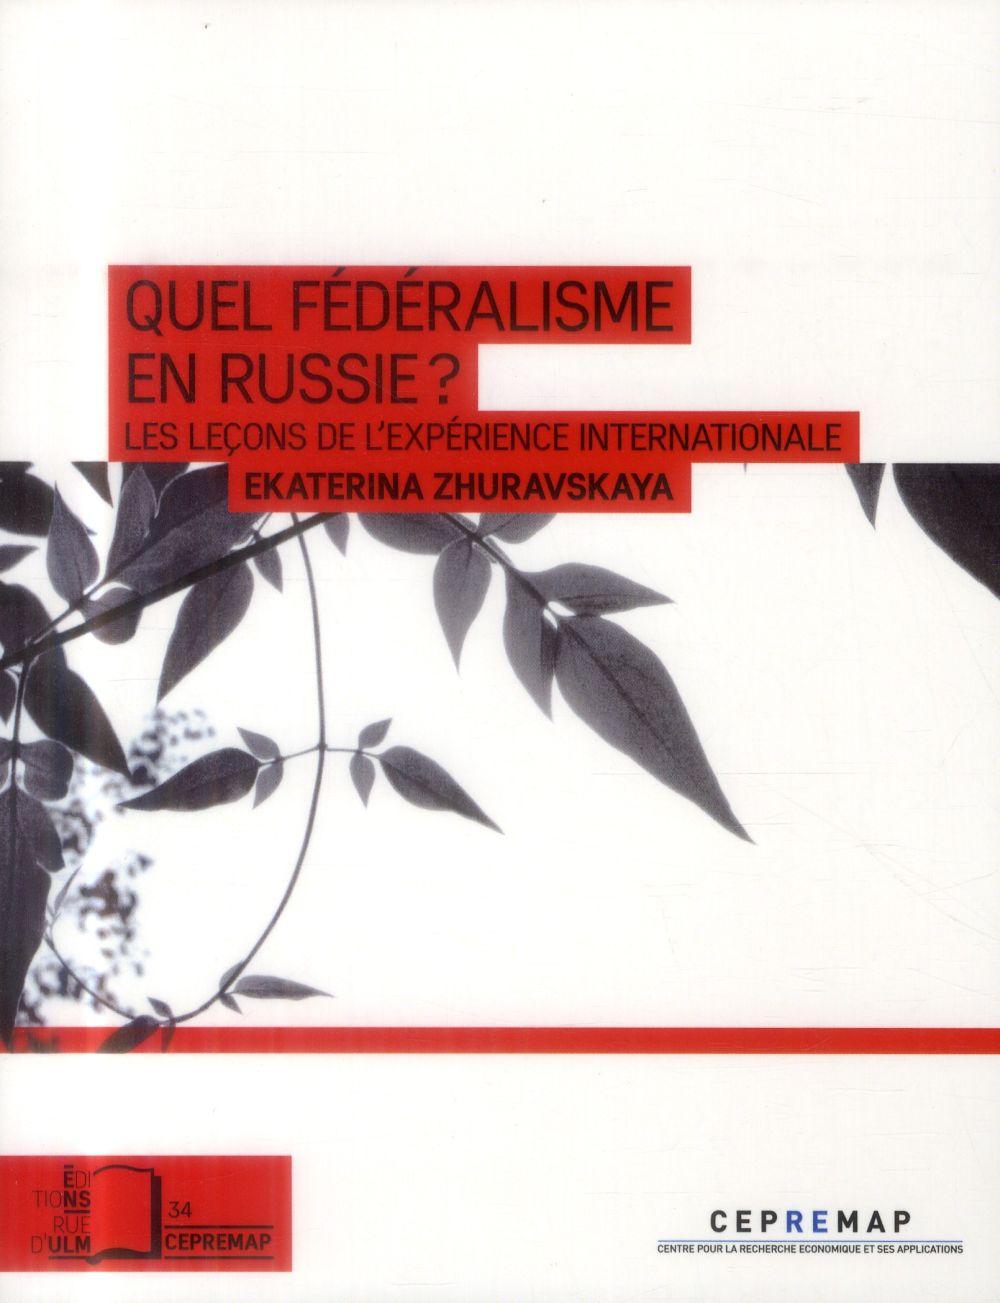 Quel federalisme en Russie ? les leçons de l'expérience internationale